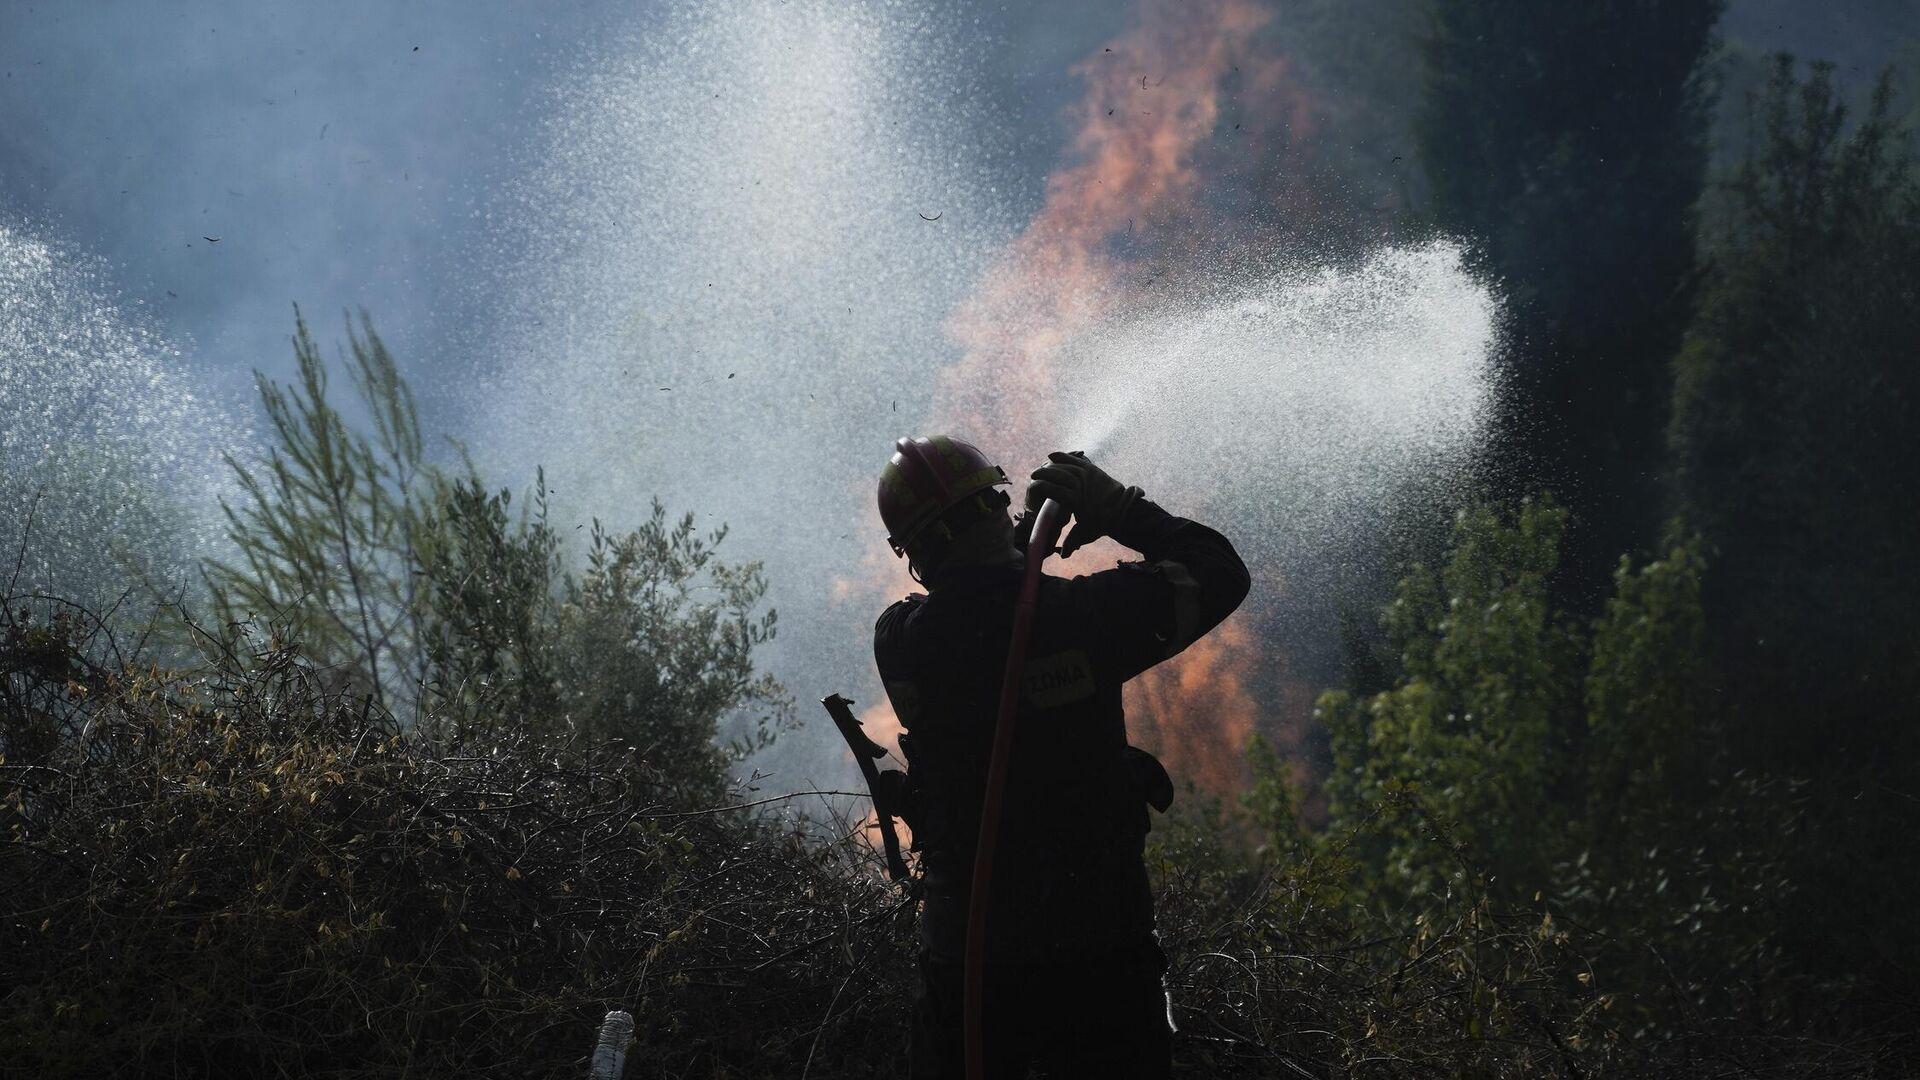 Πυροσβέστες και κάτοικοι προσπαθούν να ελέγξουν την πυρκαγιά έξω από το χωριό Νεοχώρι Γορτυνίας - Sputnik Ελλάδα, 1920, 11.08.2021